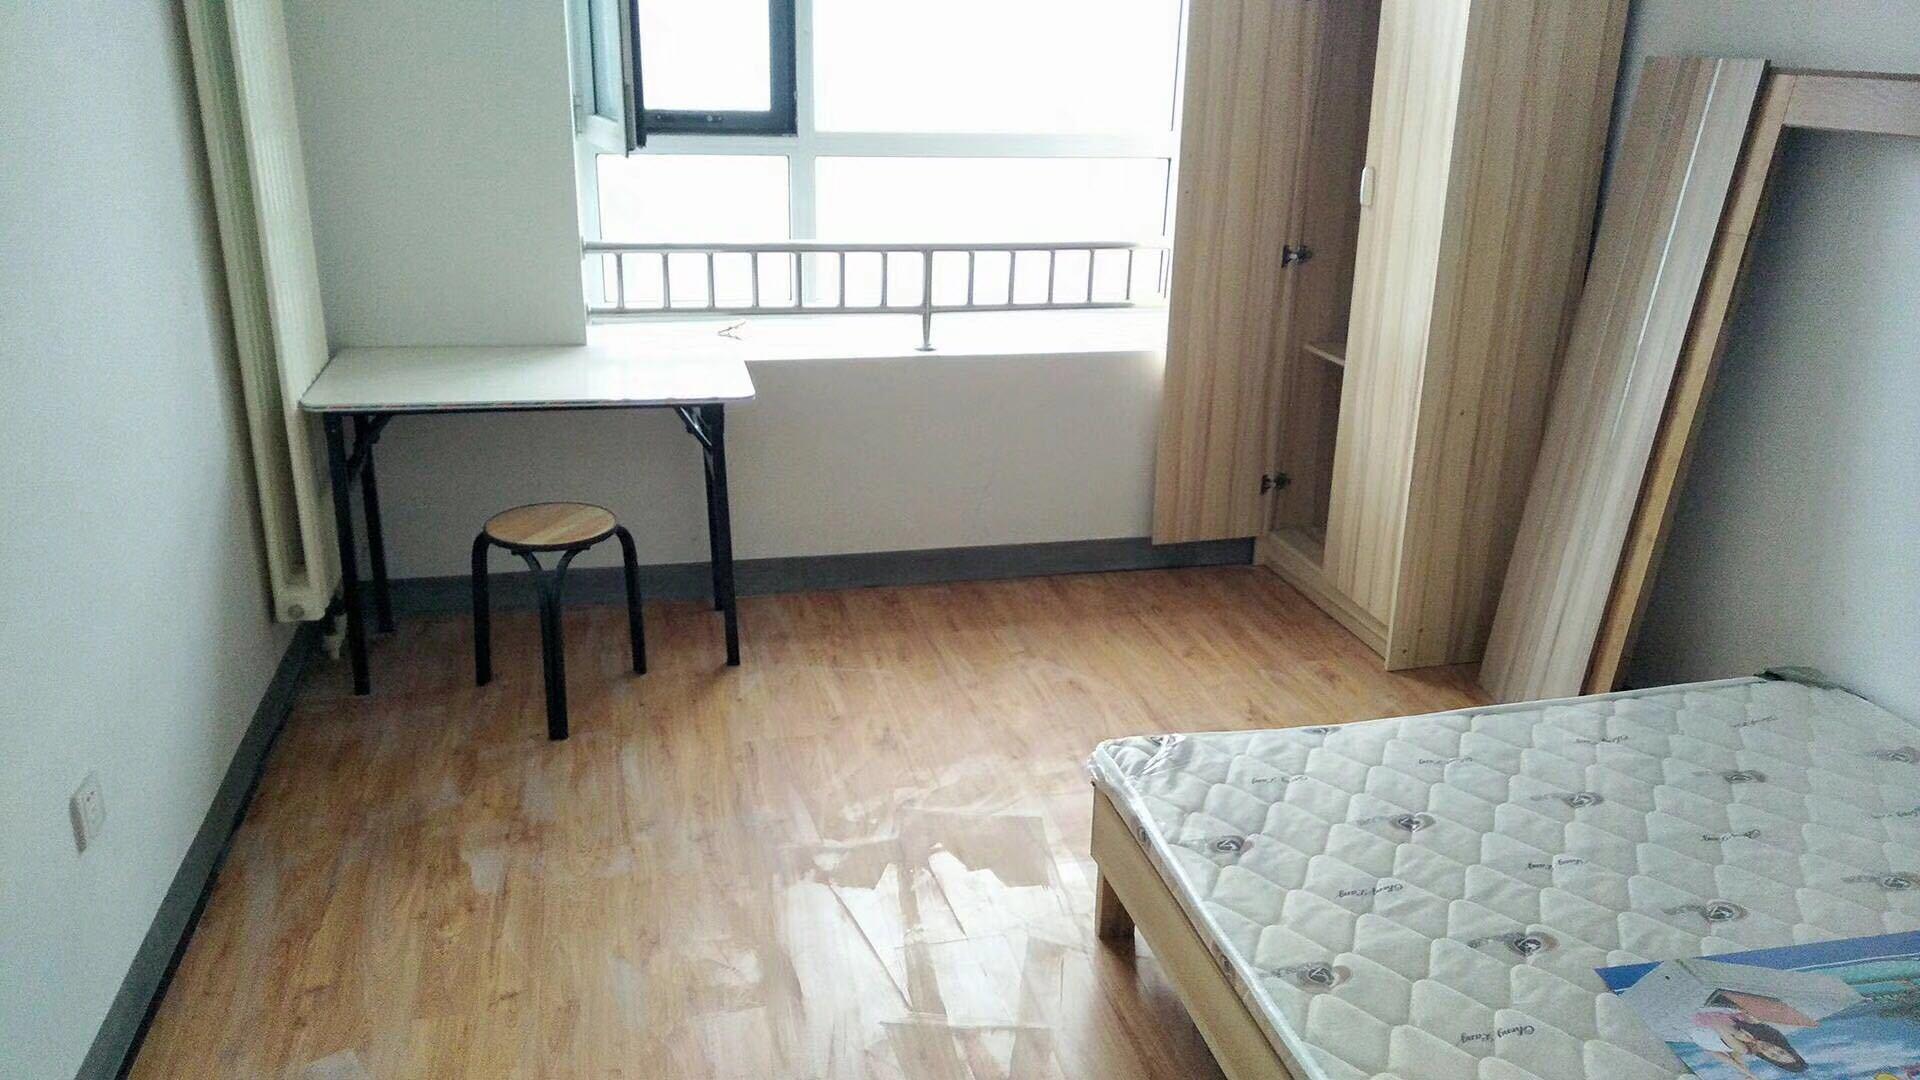 鲁邦奥林逸城 精装修3室好房出租 舒适安静 拎包即住